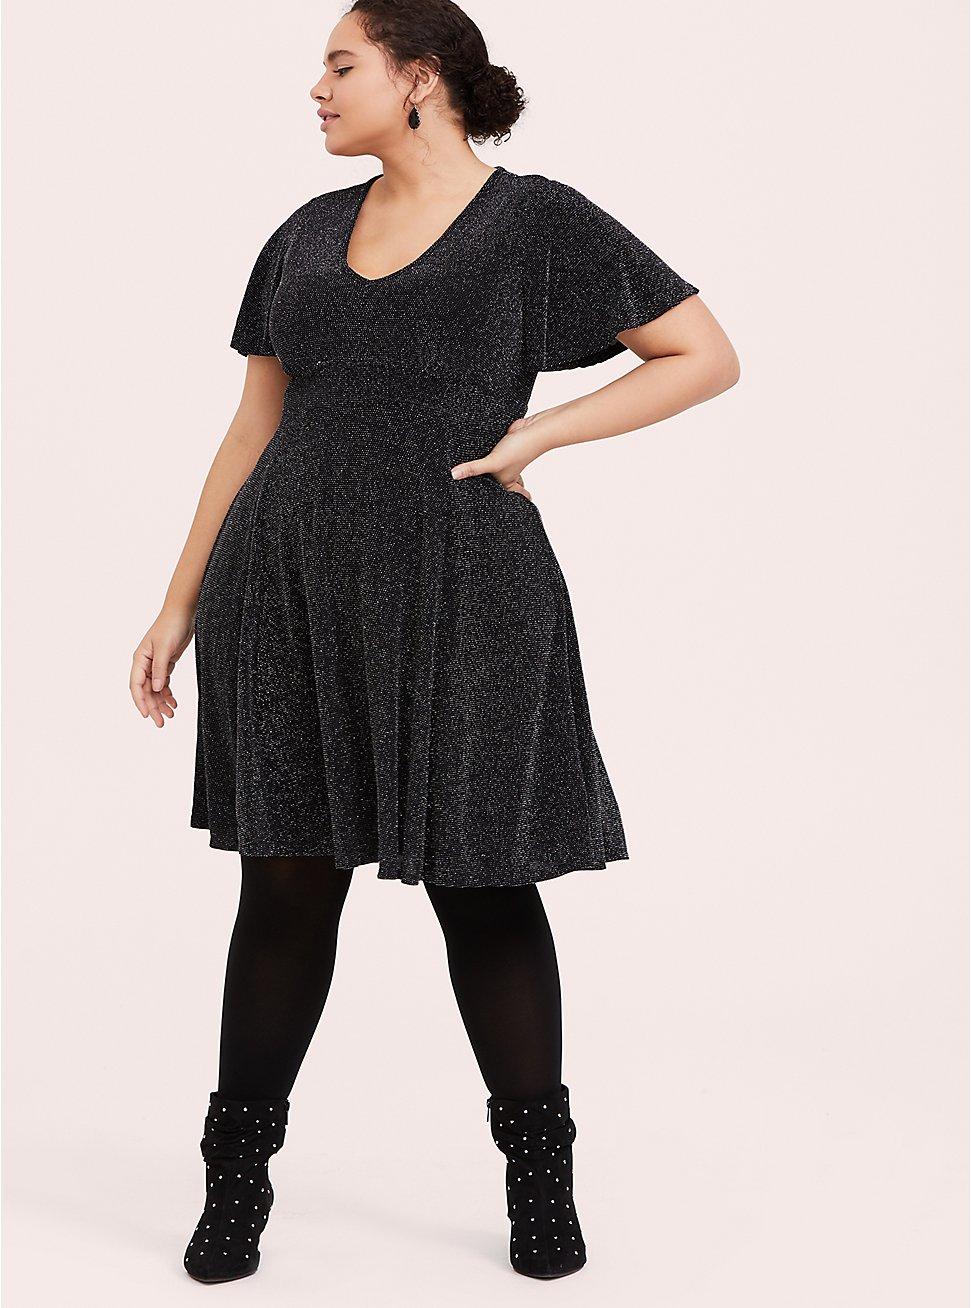 Black & Silver Flutter Sleeve Glitter Skater Dress